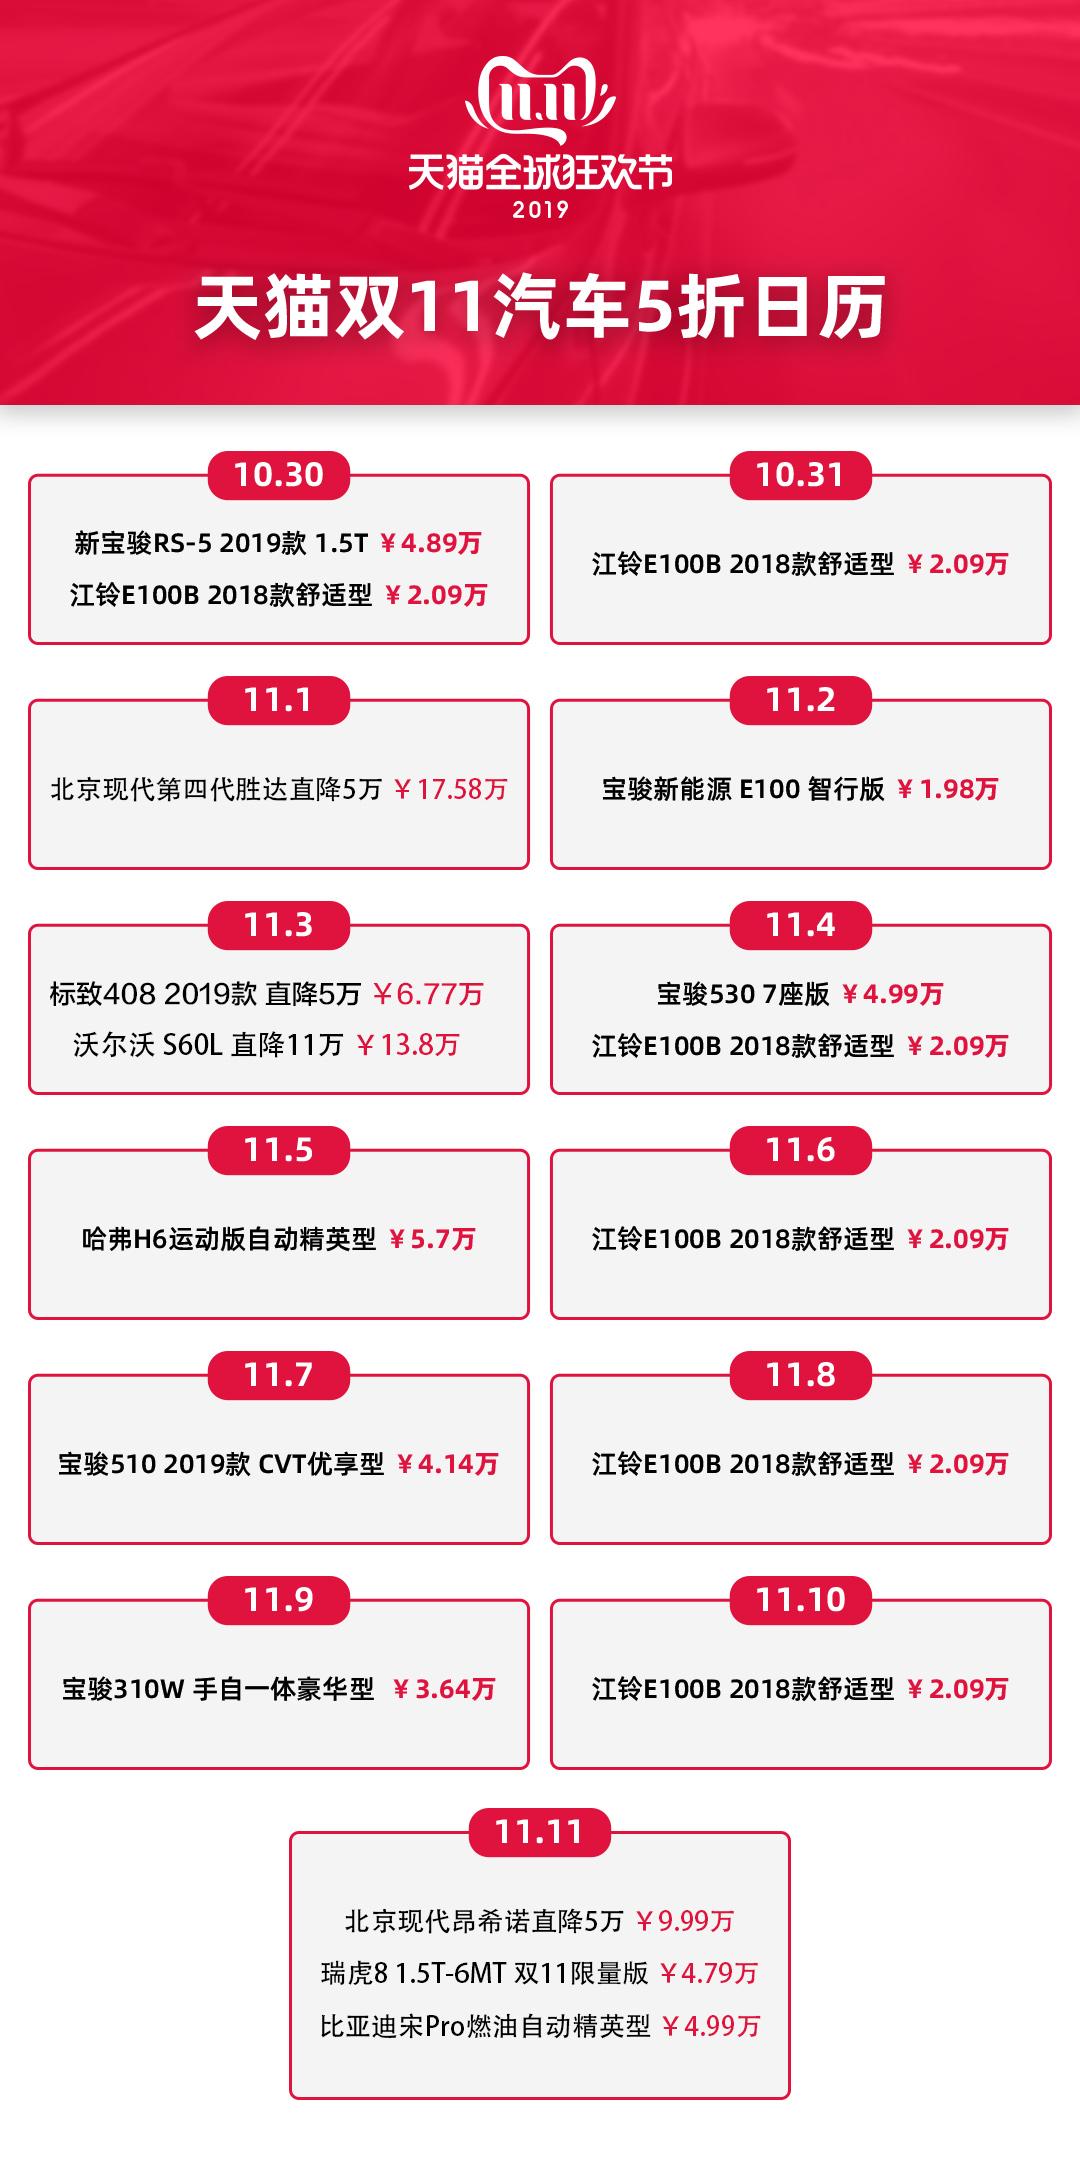 天猫双11将限量半价销售汽车 并开启直播卖车模式_零售_电商报